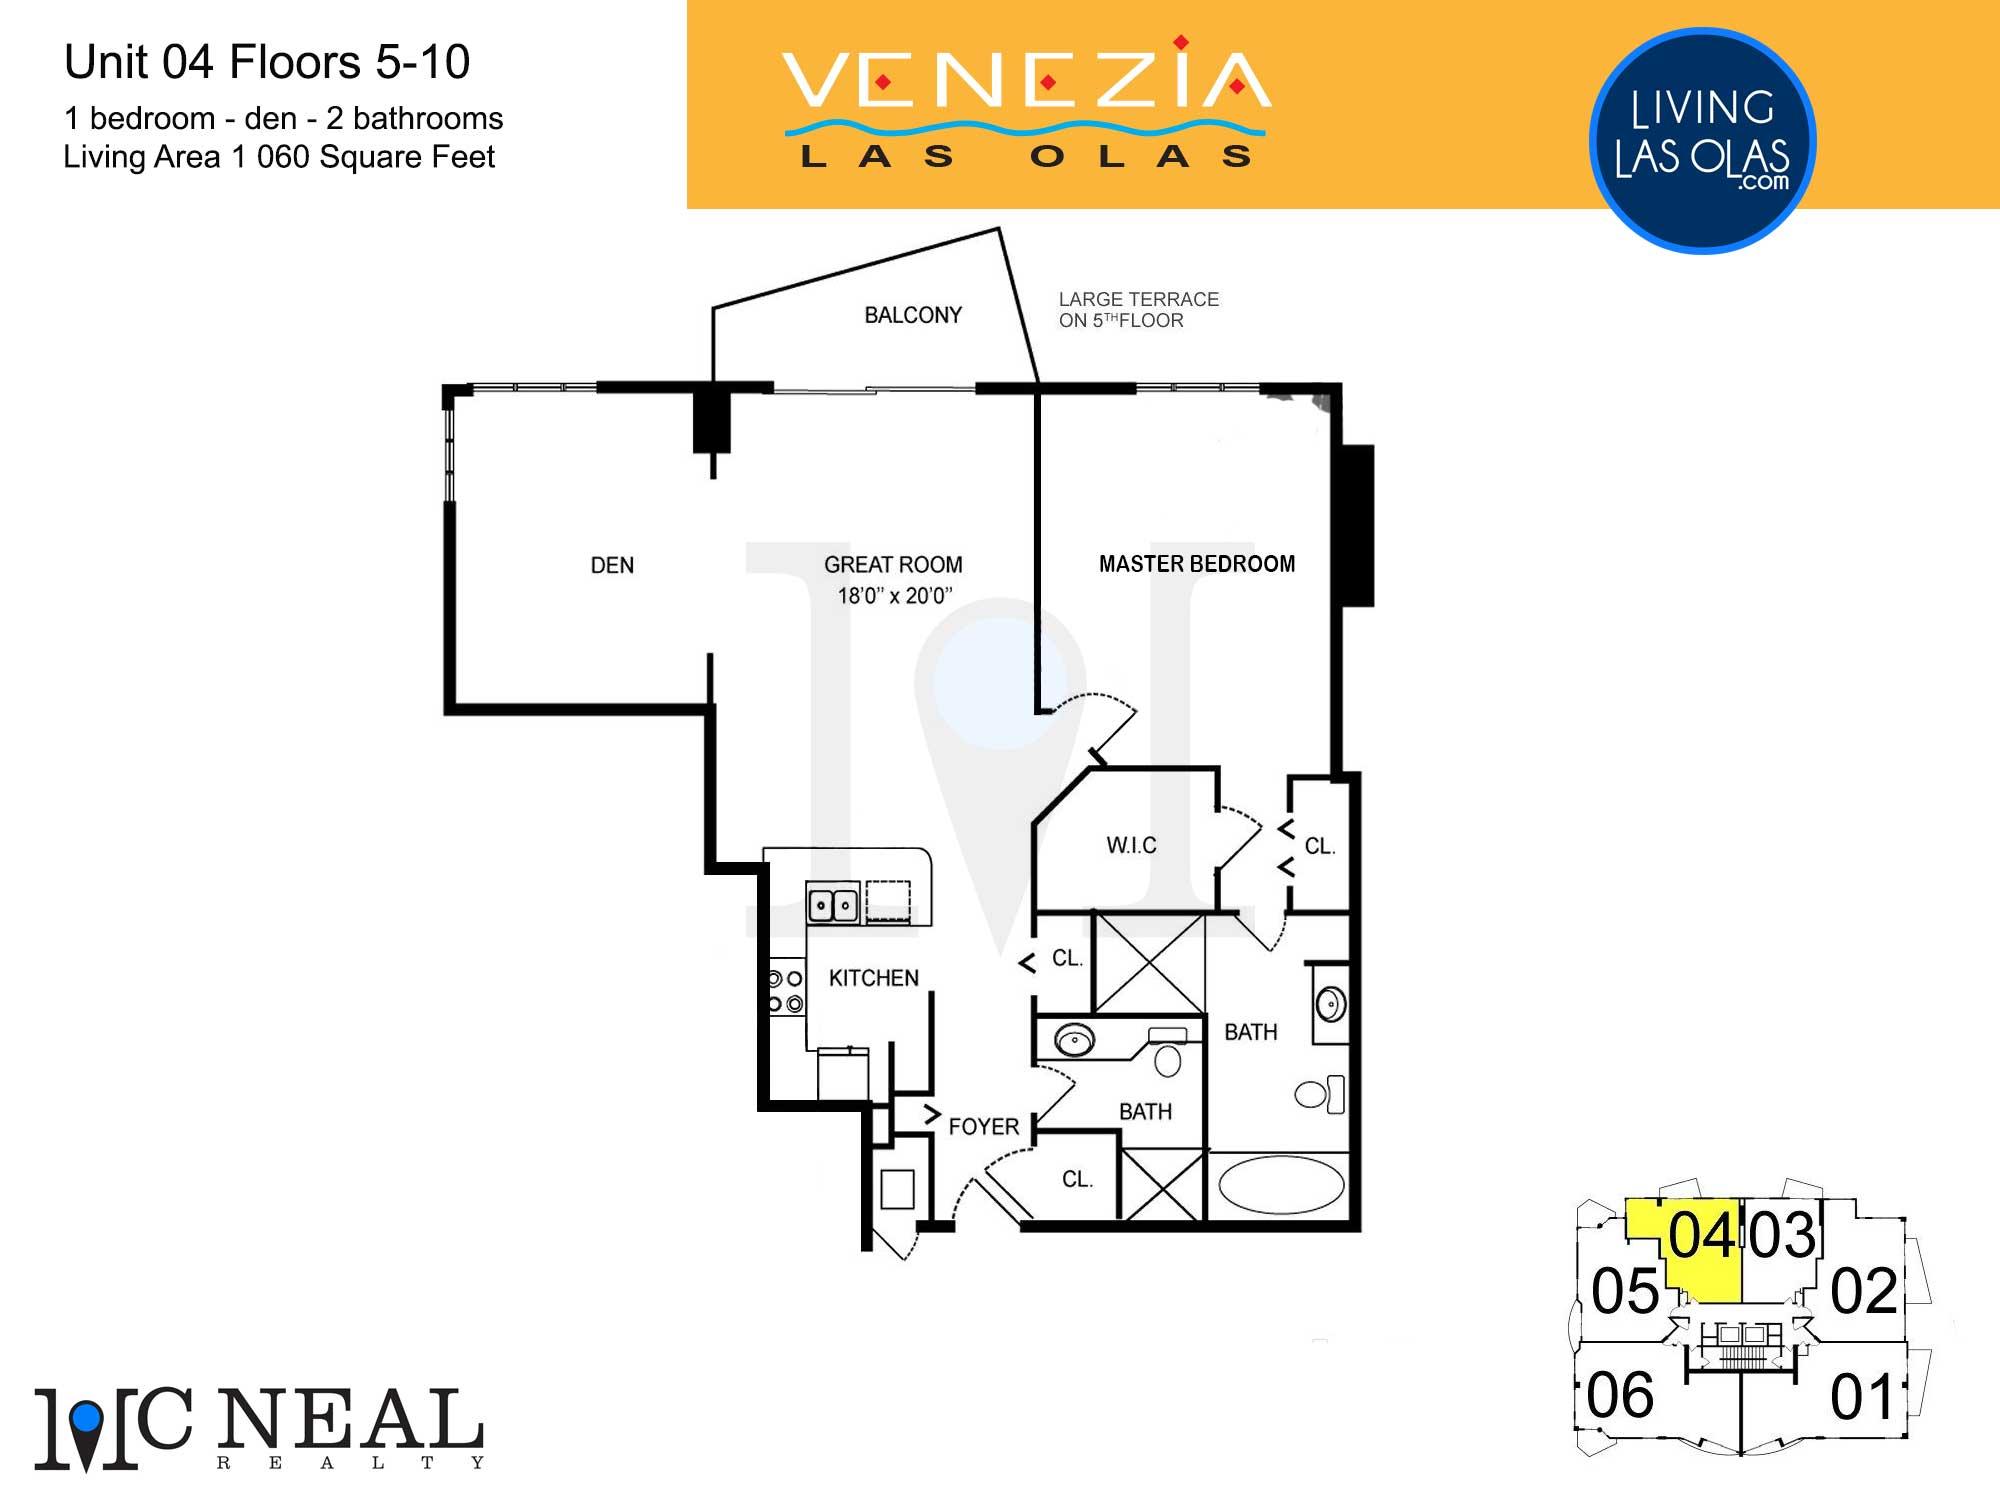 Venezia Las Olas Floor Plans 5-10 Unit 4